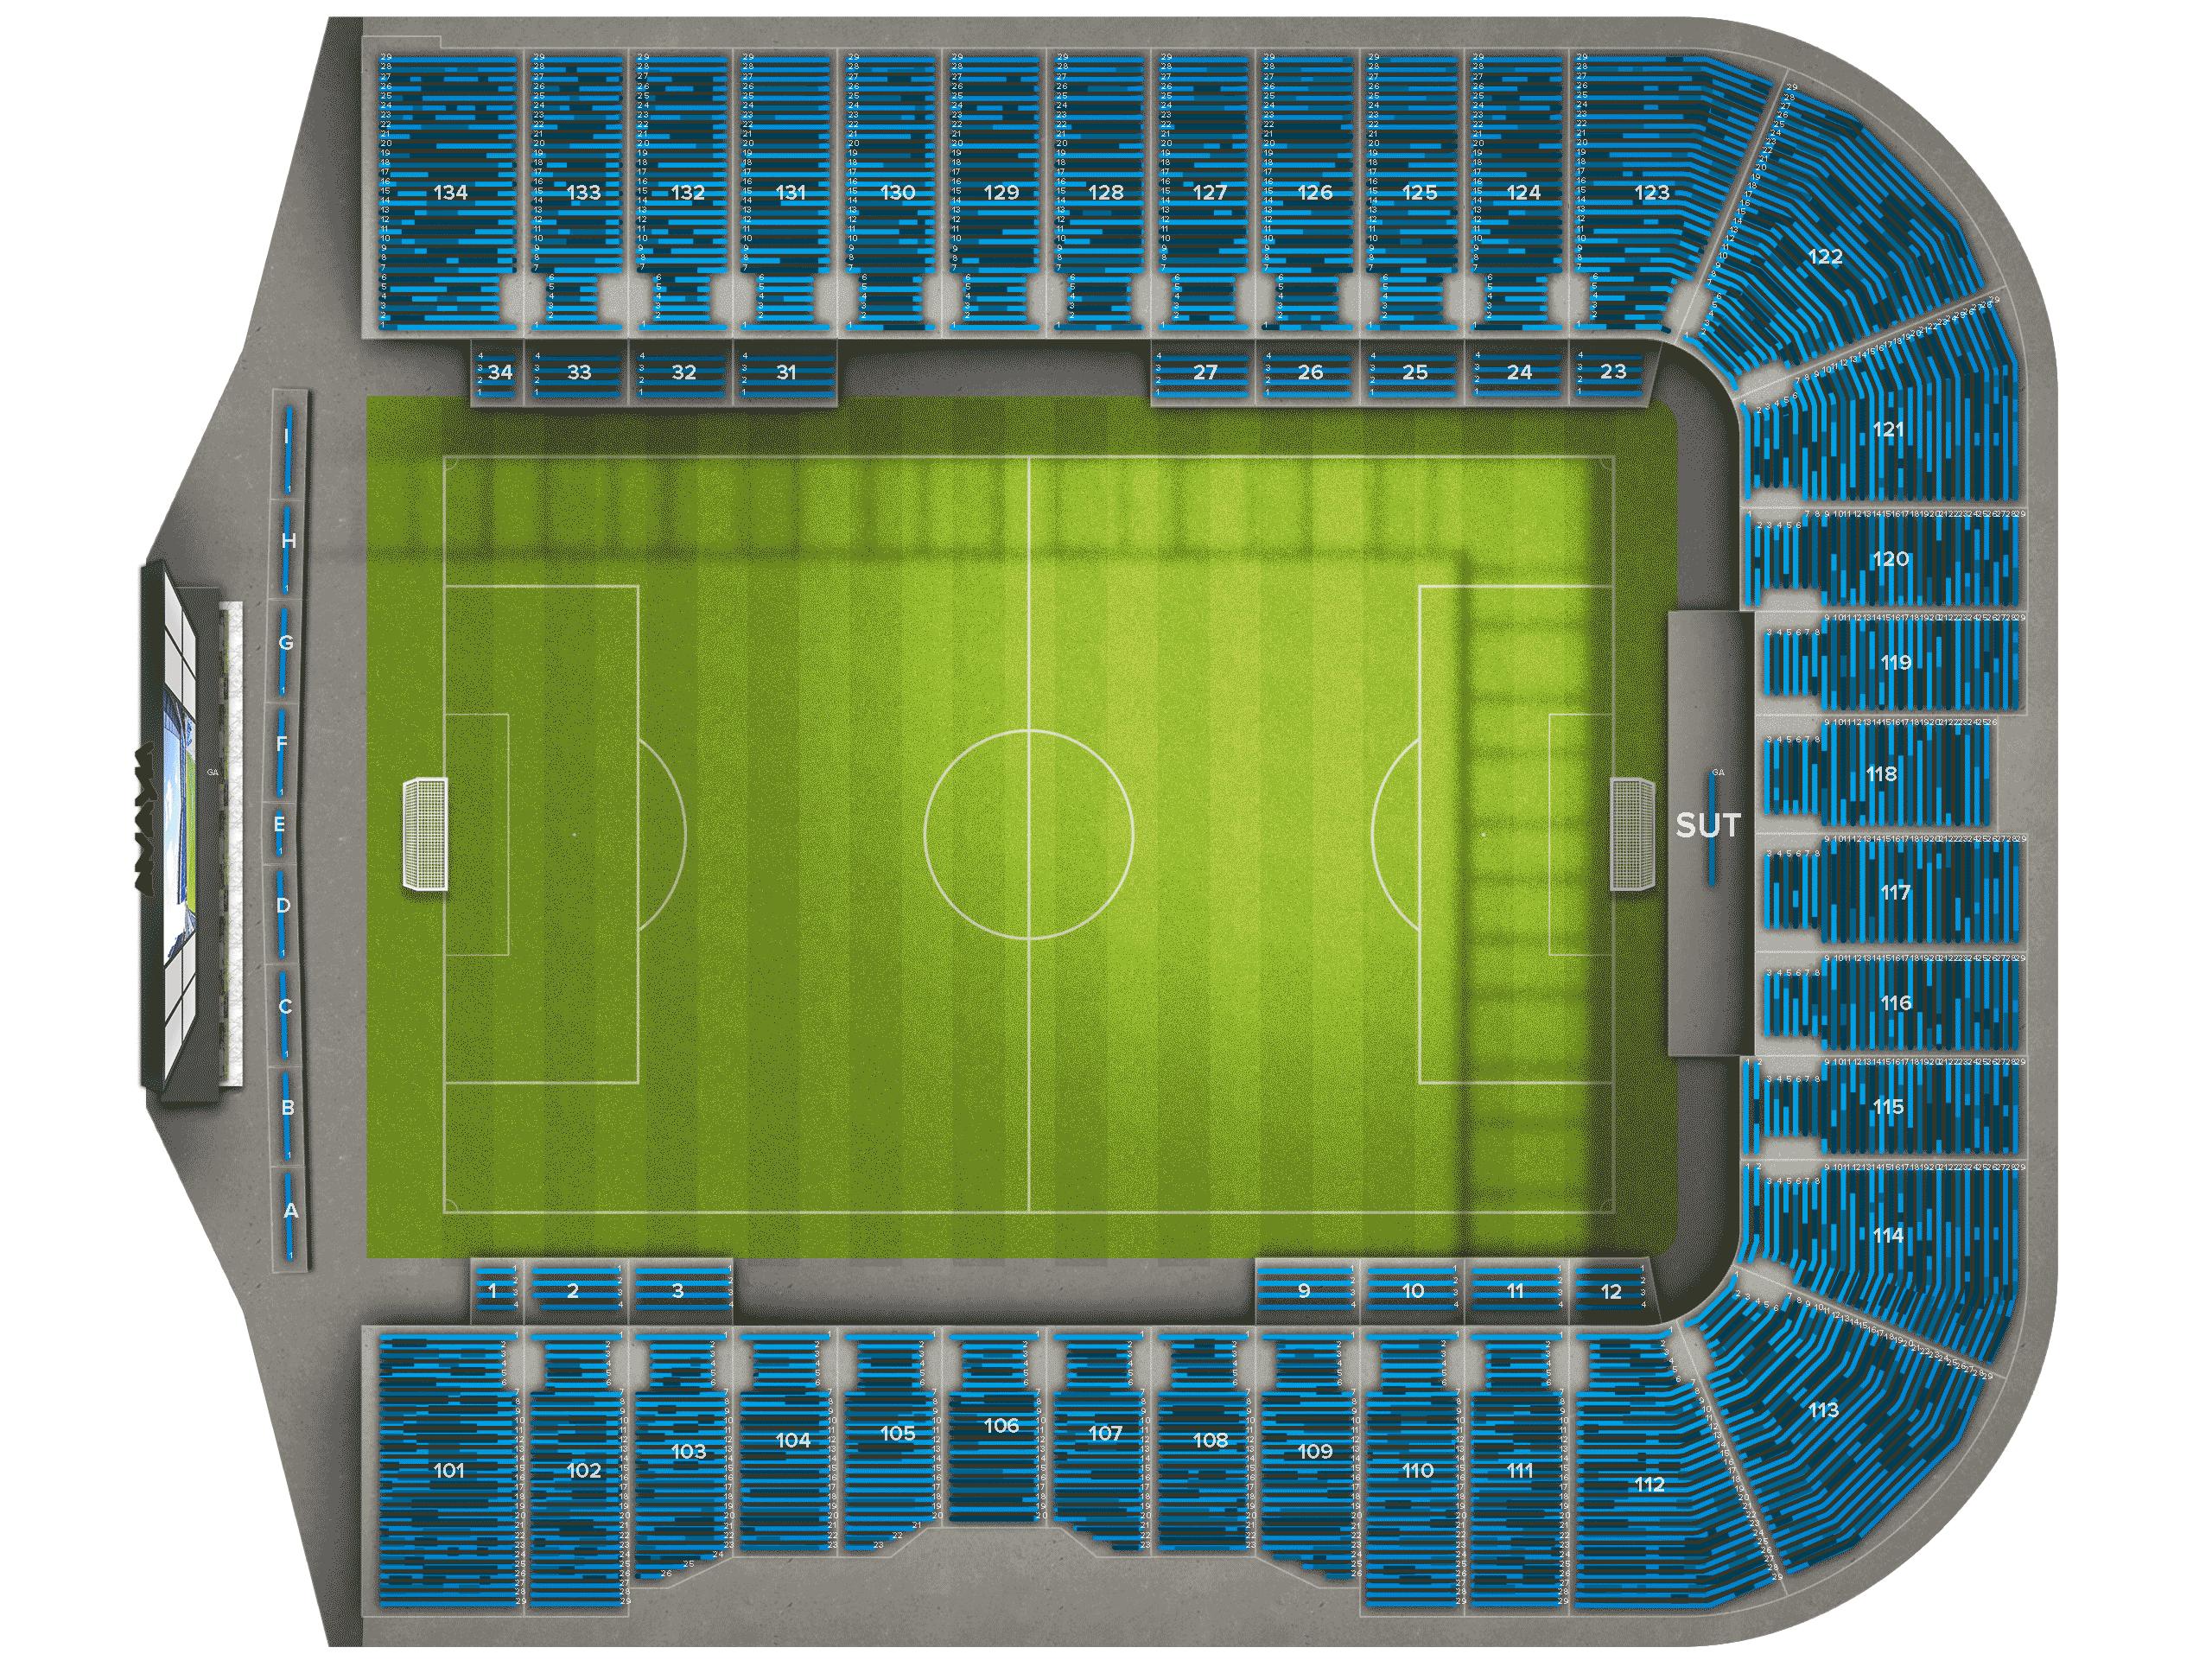 Avaya Stadium Tickets